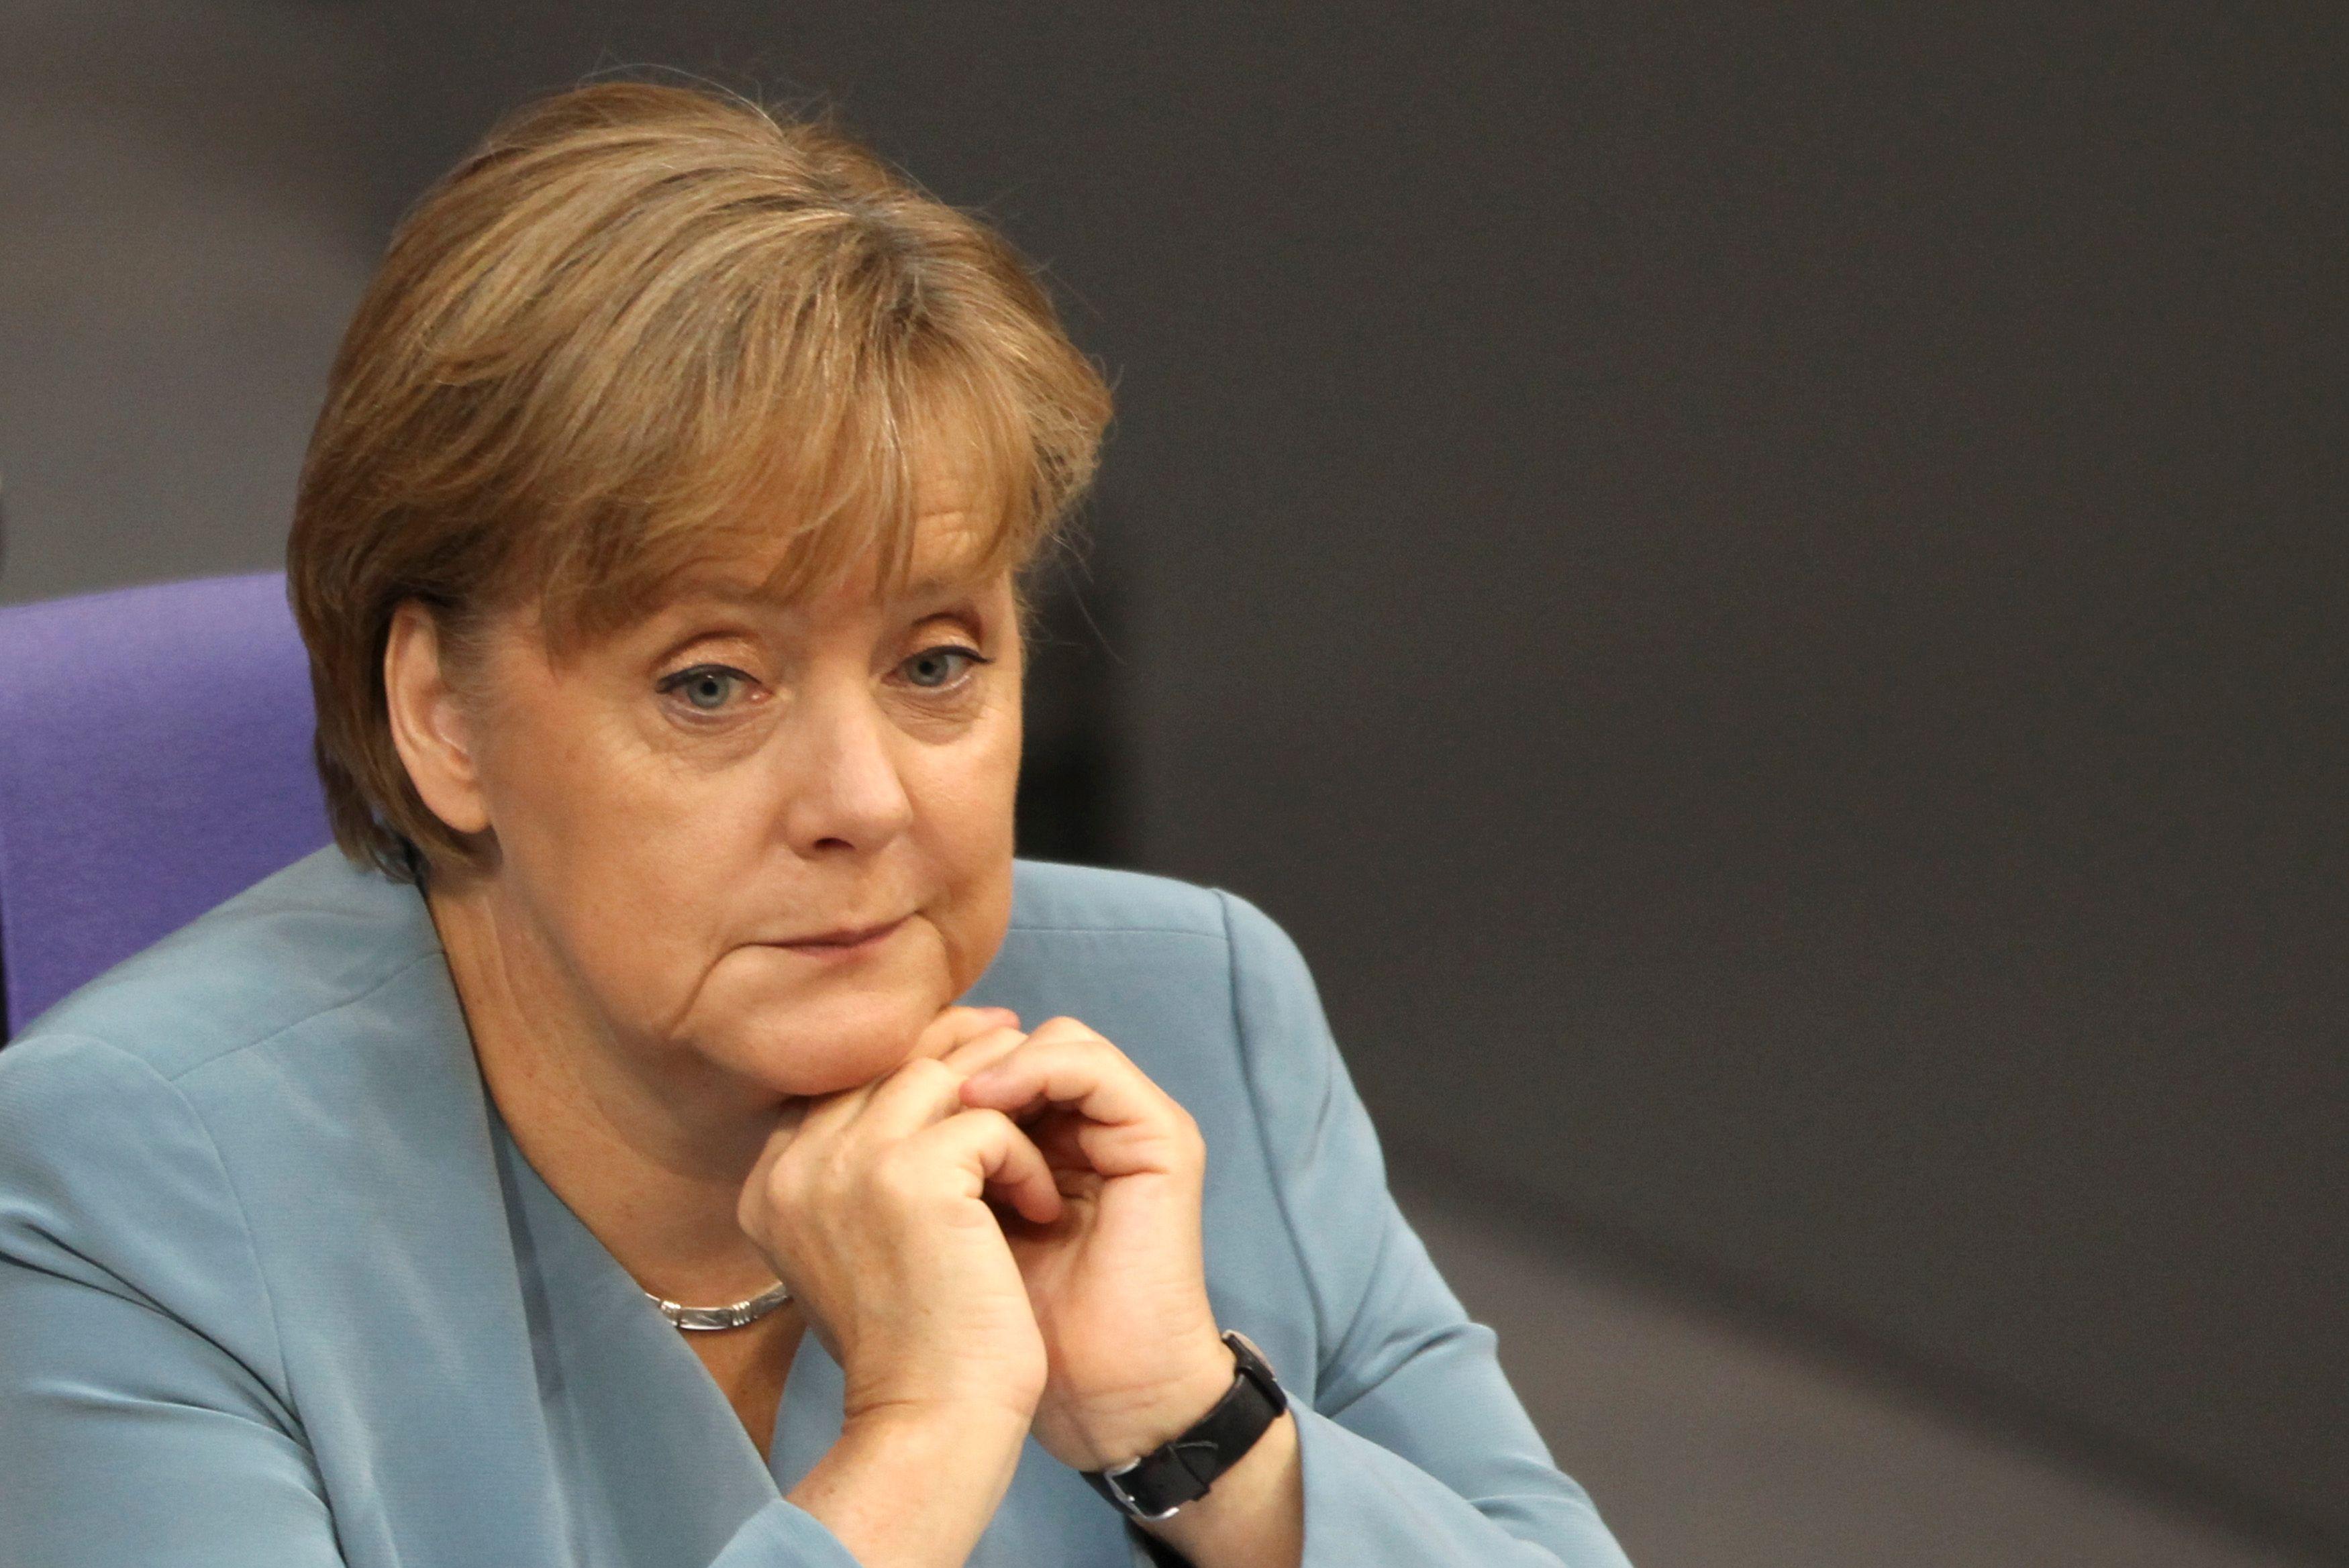 Angela Merkel a imposé son tempo et la vision allemande de l'Europe lors du sommet européen du 27 octobre 2011. Une mauvaise nouvelle pour l'euro?